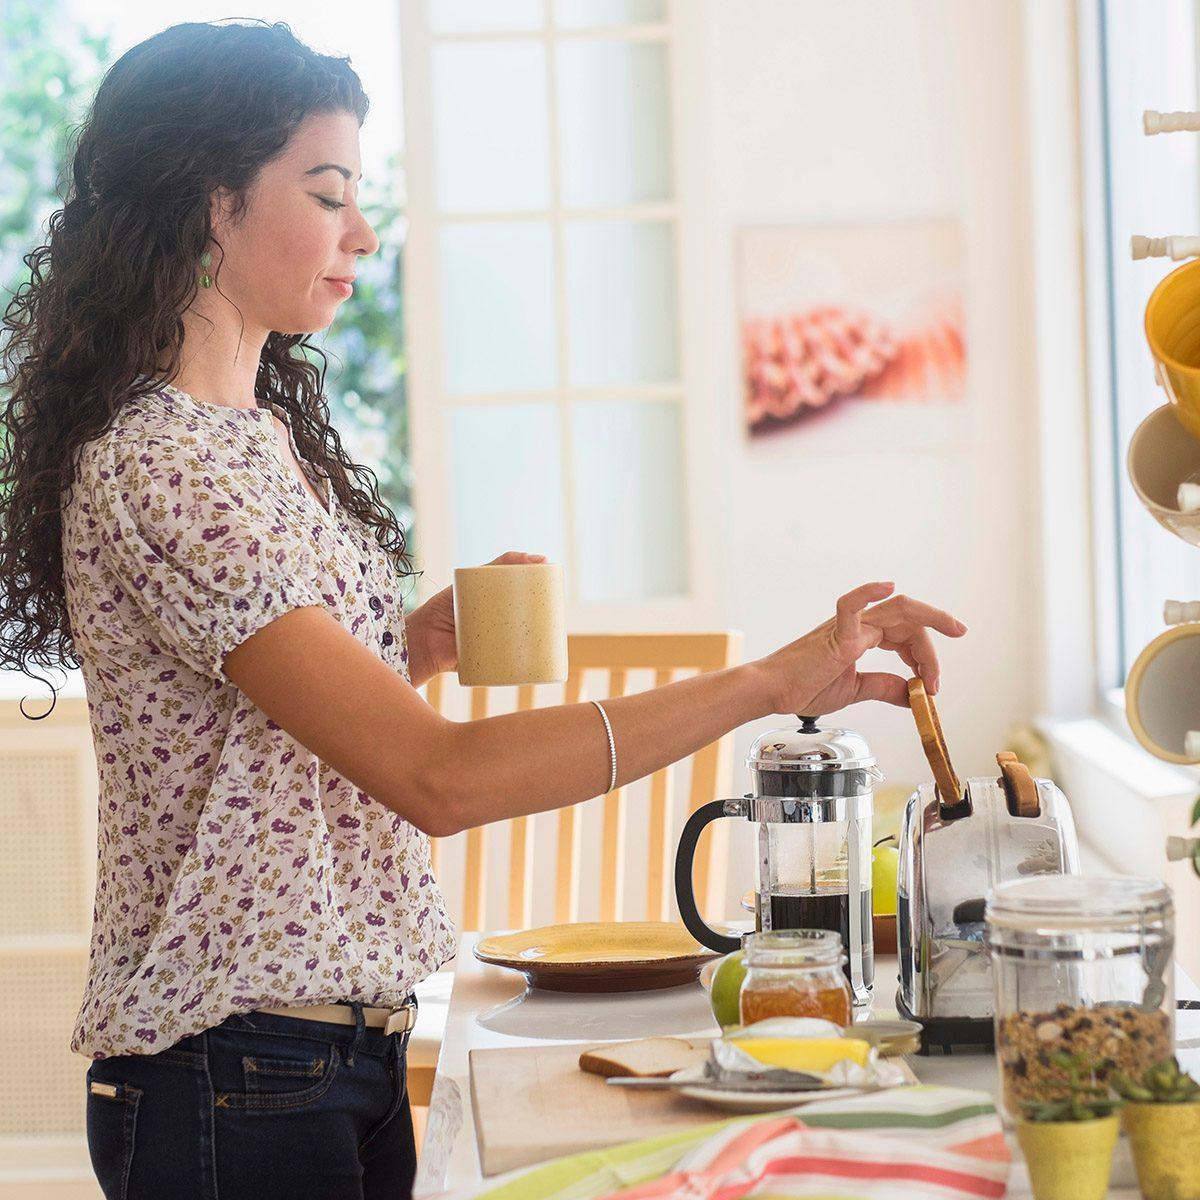 Mixed race woman preparing breakfast in kitchen